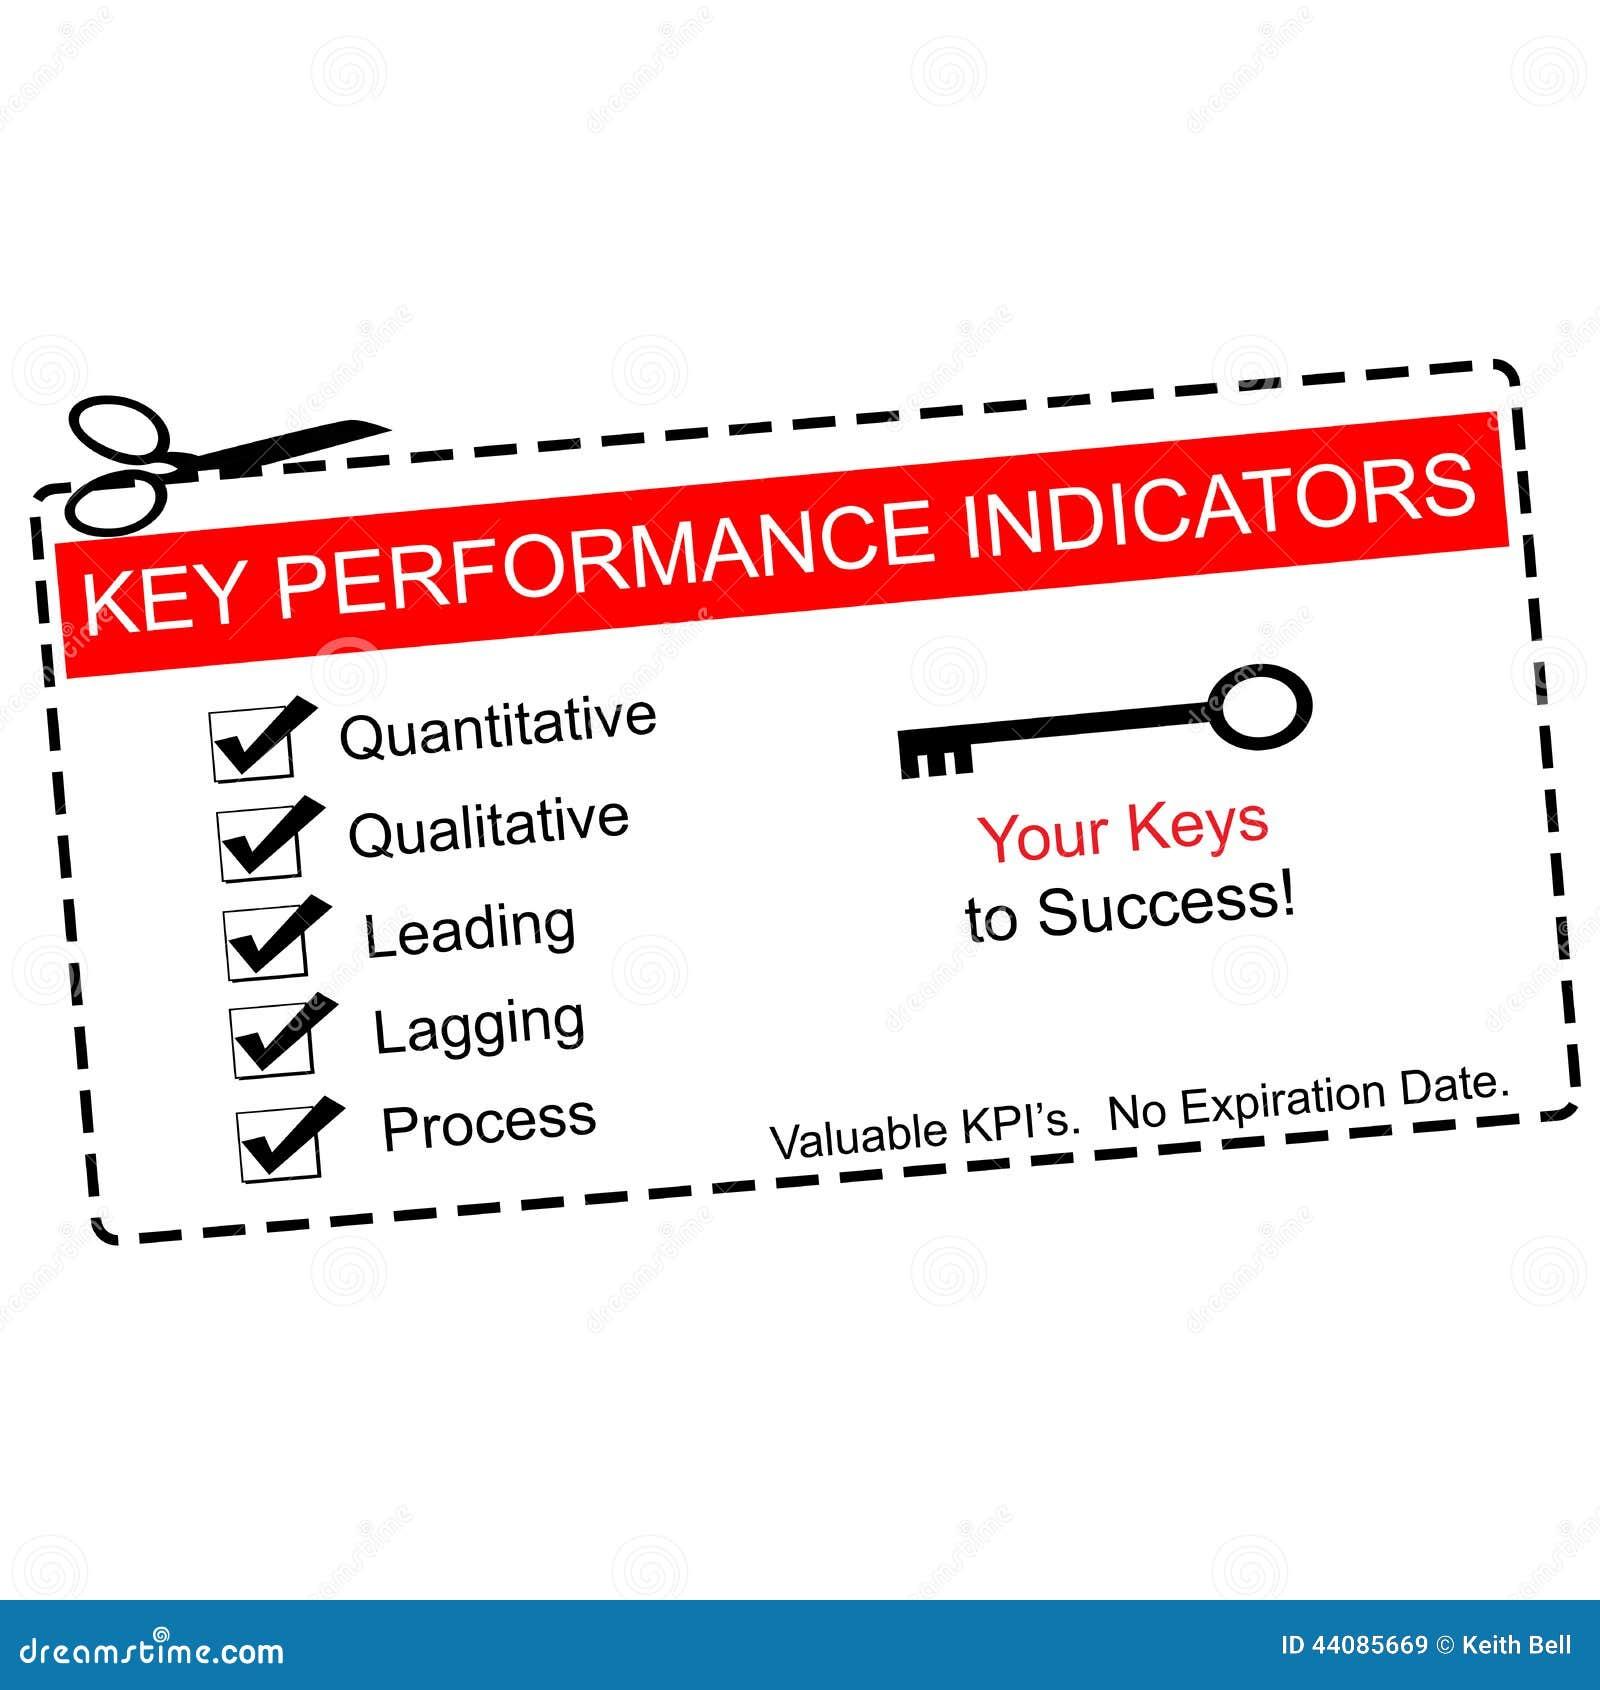 Талон индикаторов ключевой производительности